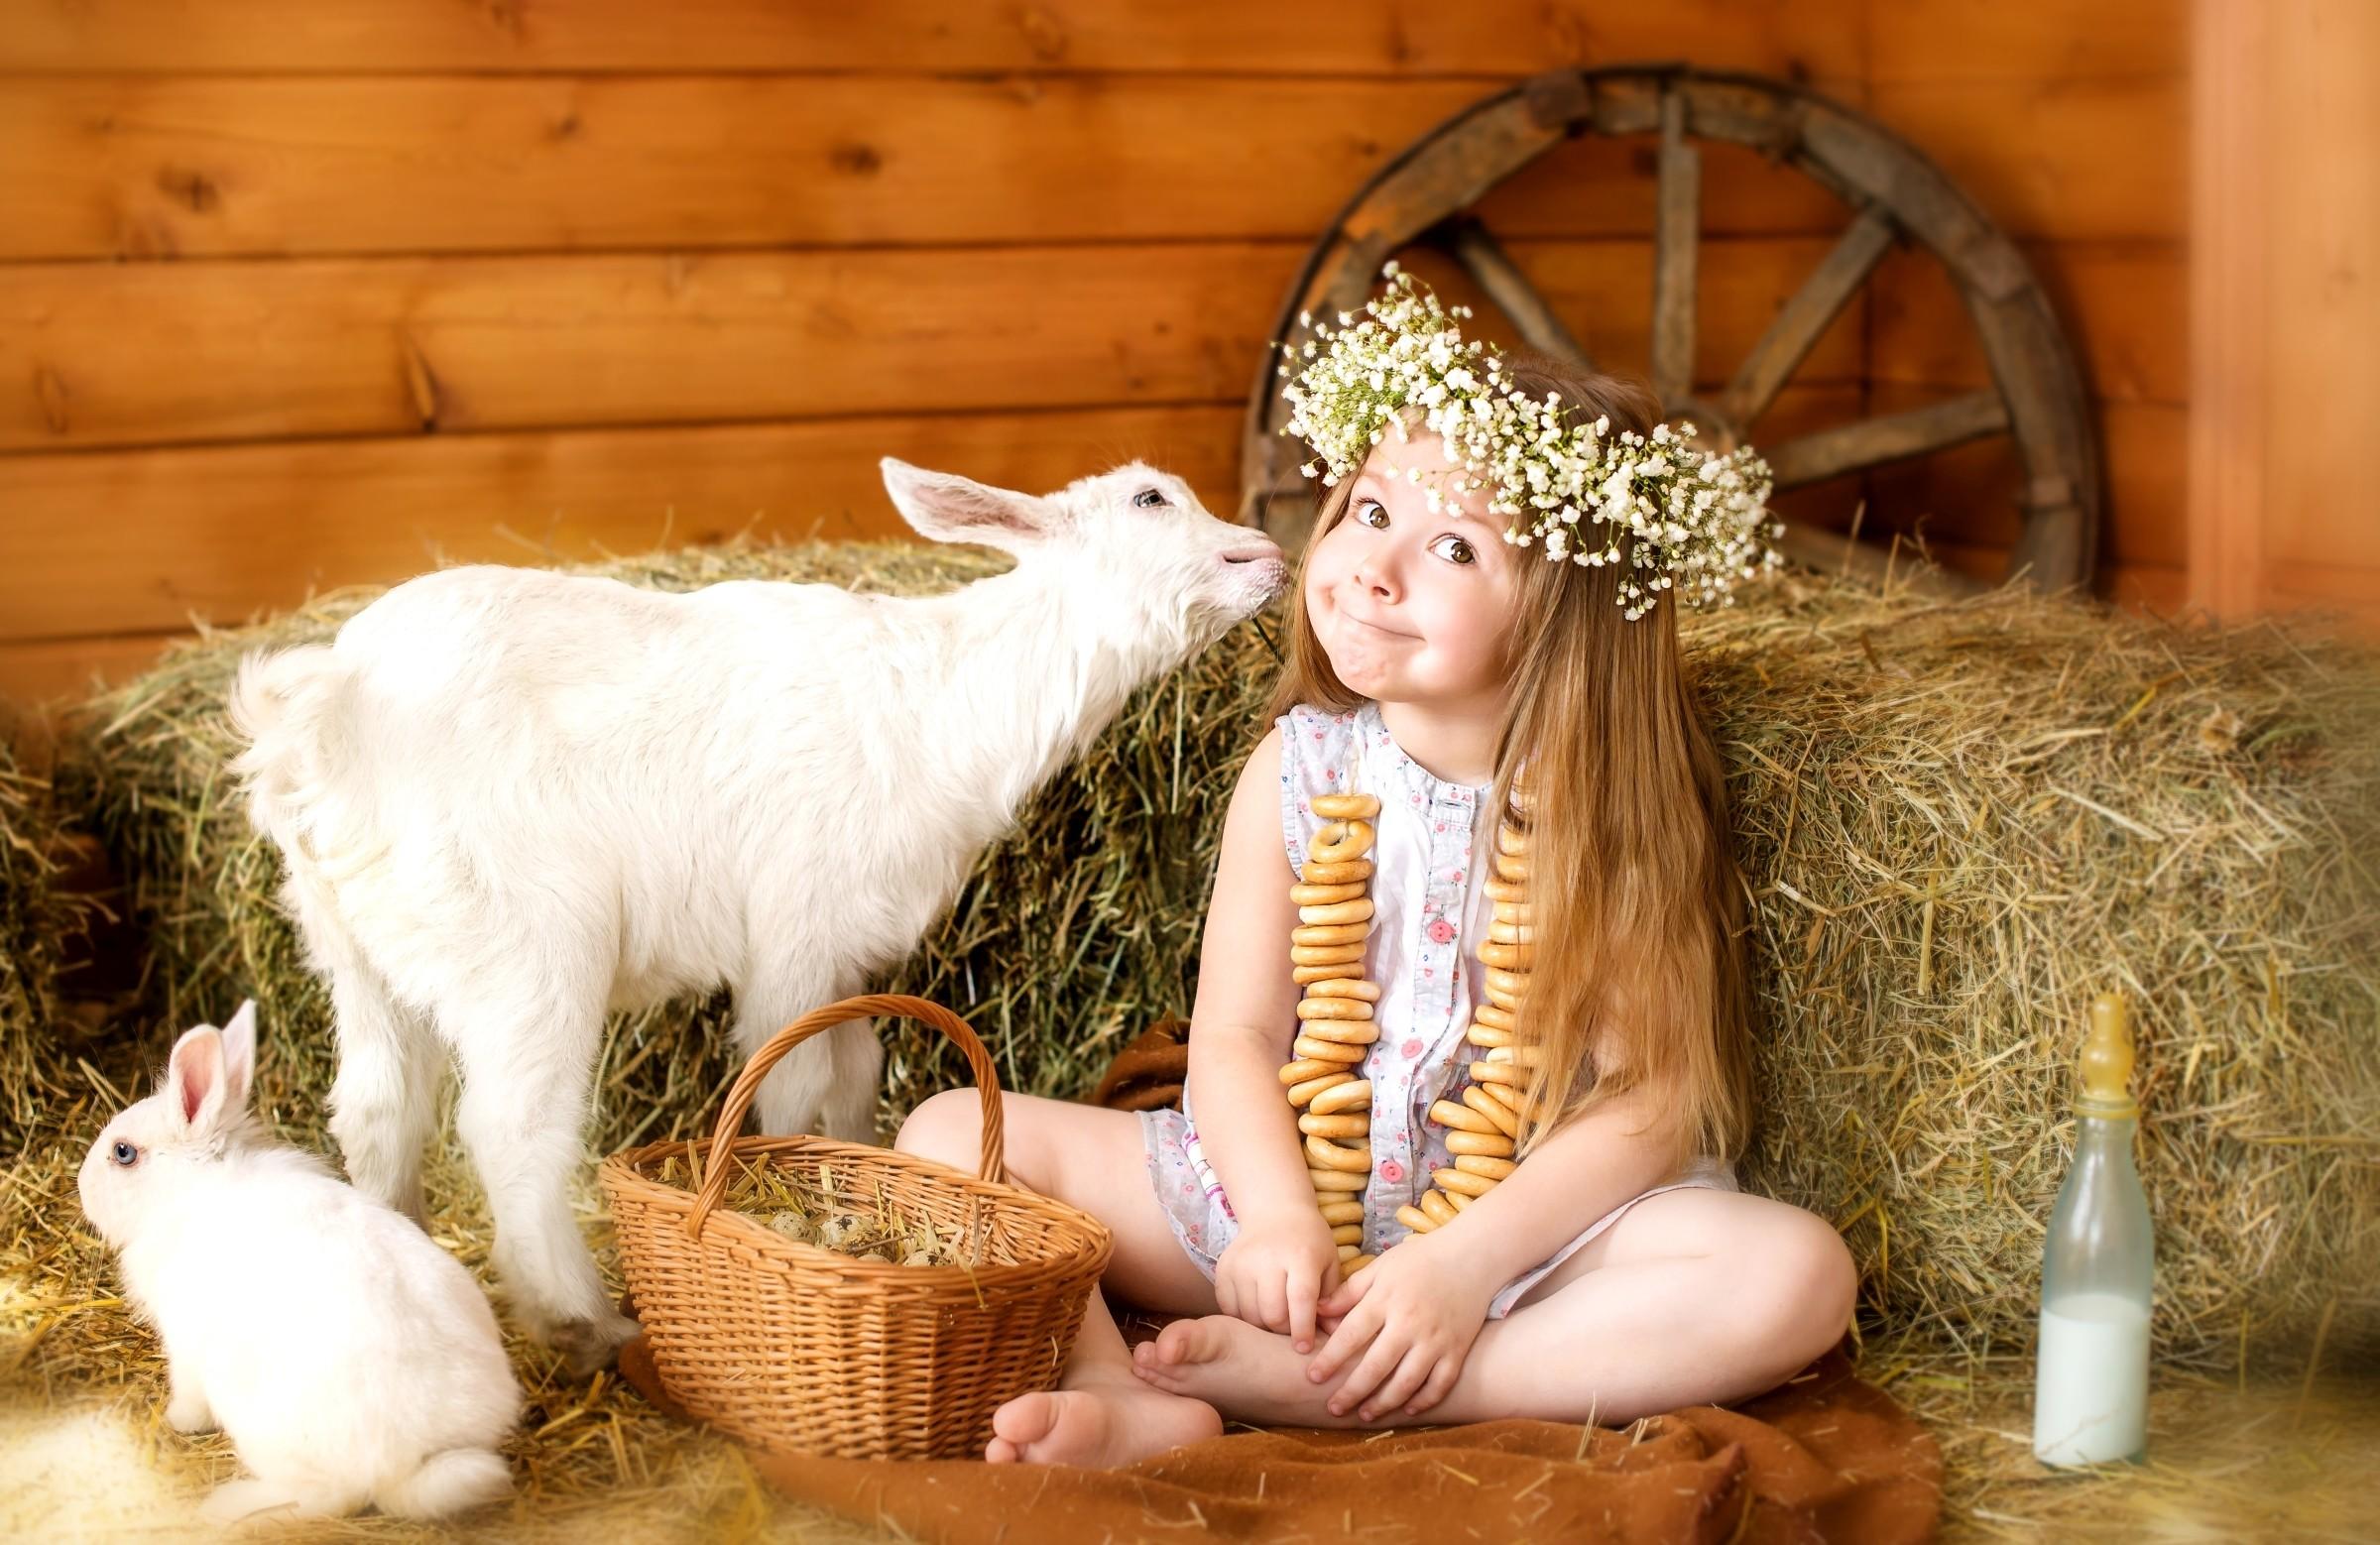 Sweet Cute Baby Girl Wallpaper Die 56 Besten Hintergrundbilder F 252 R M 228 Dchen